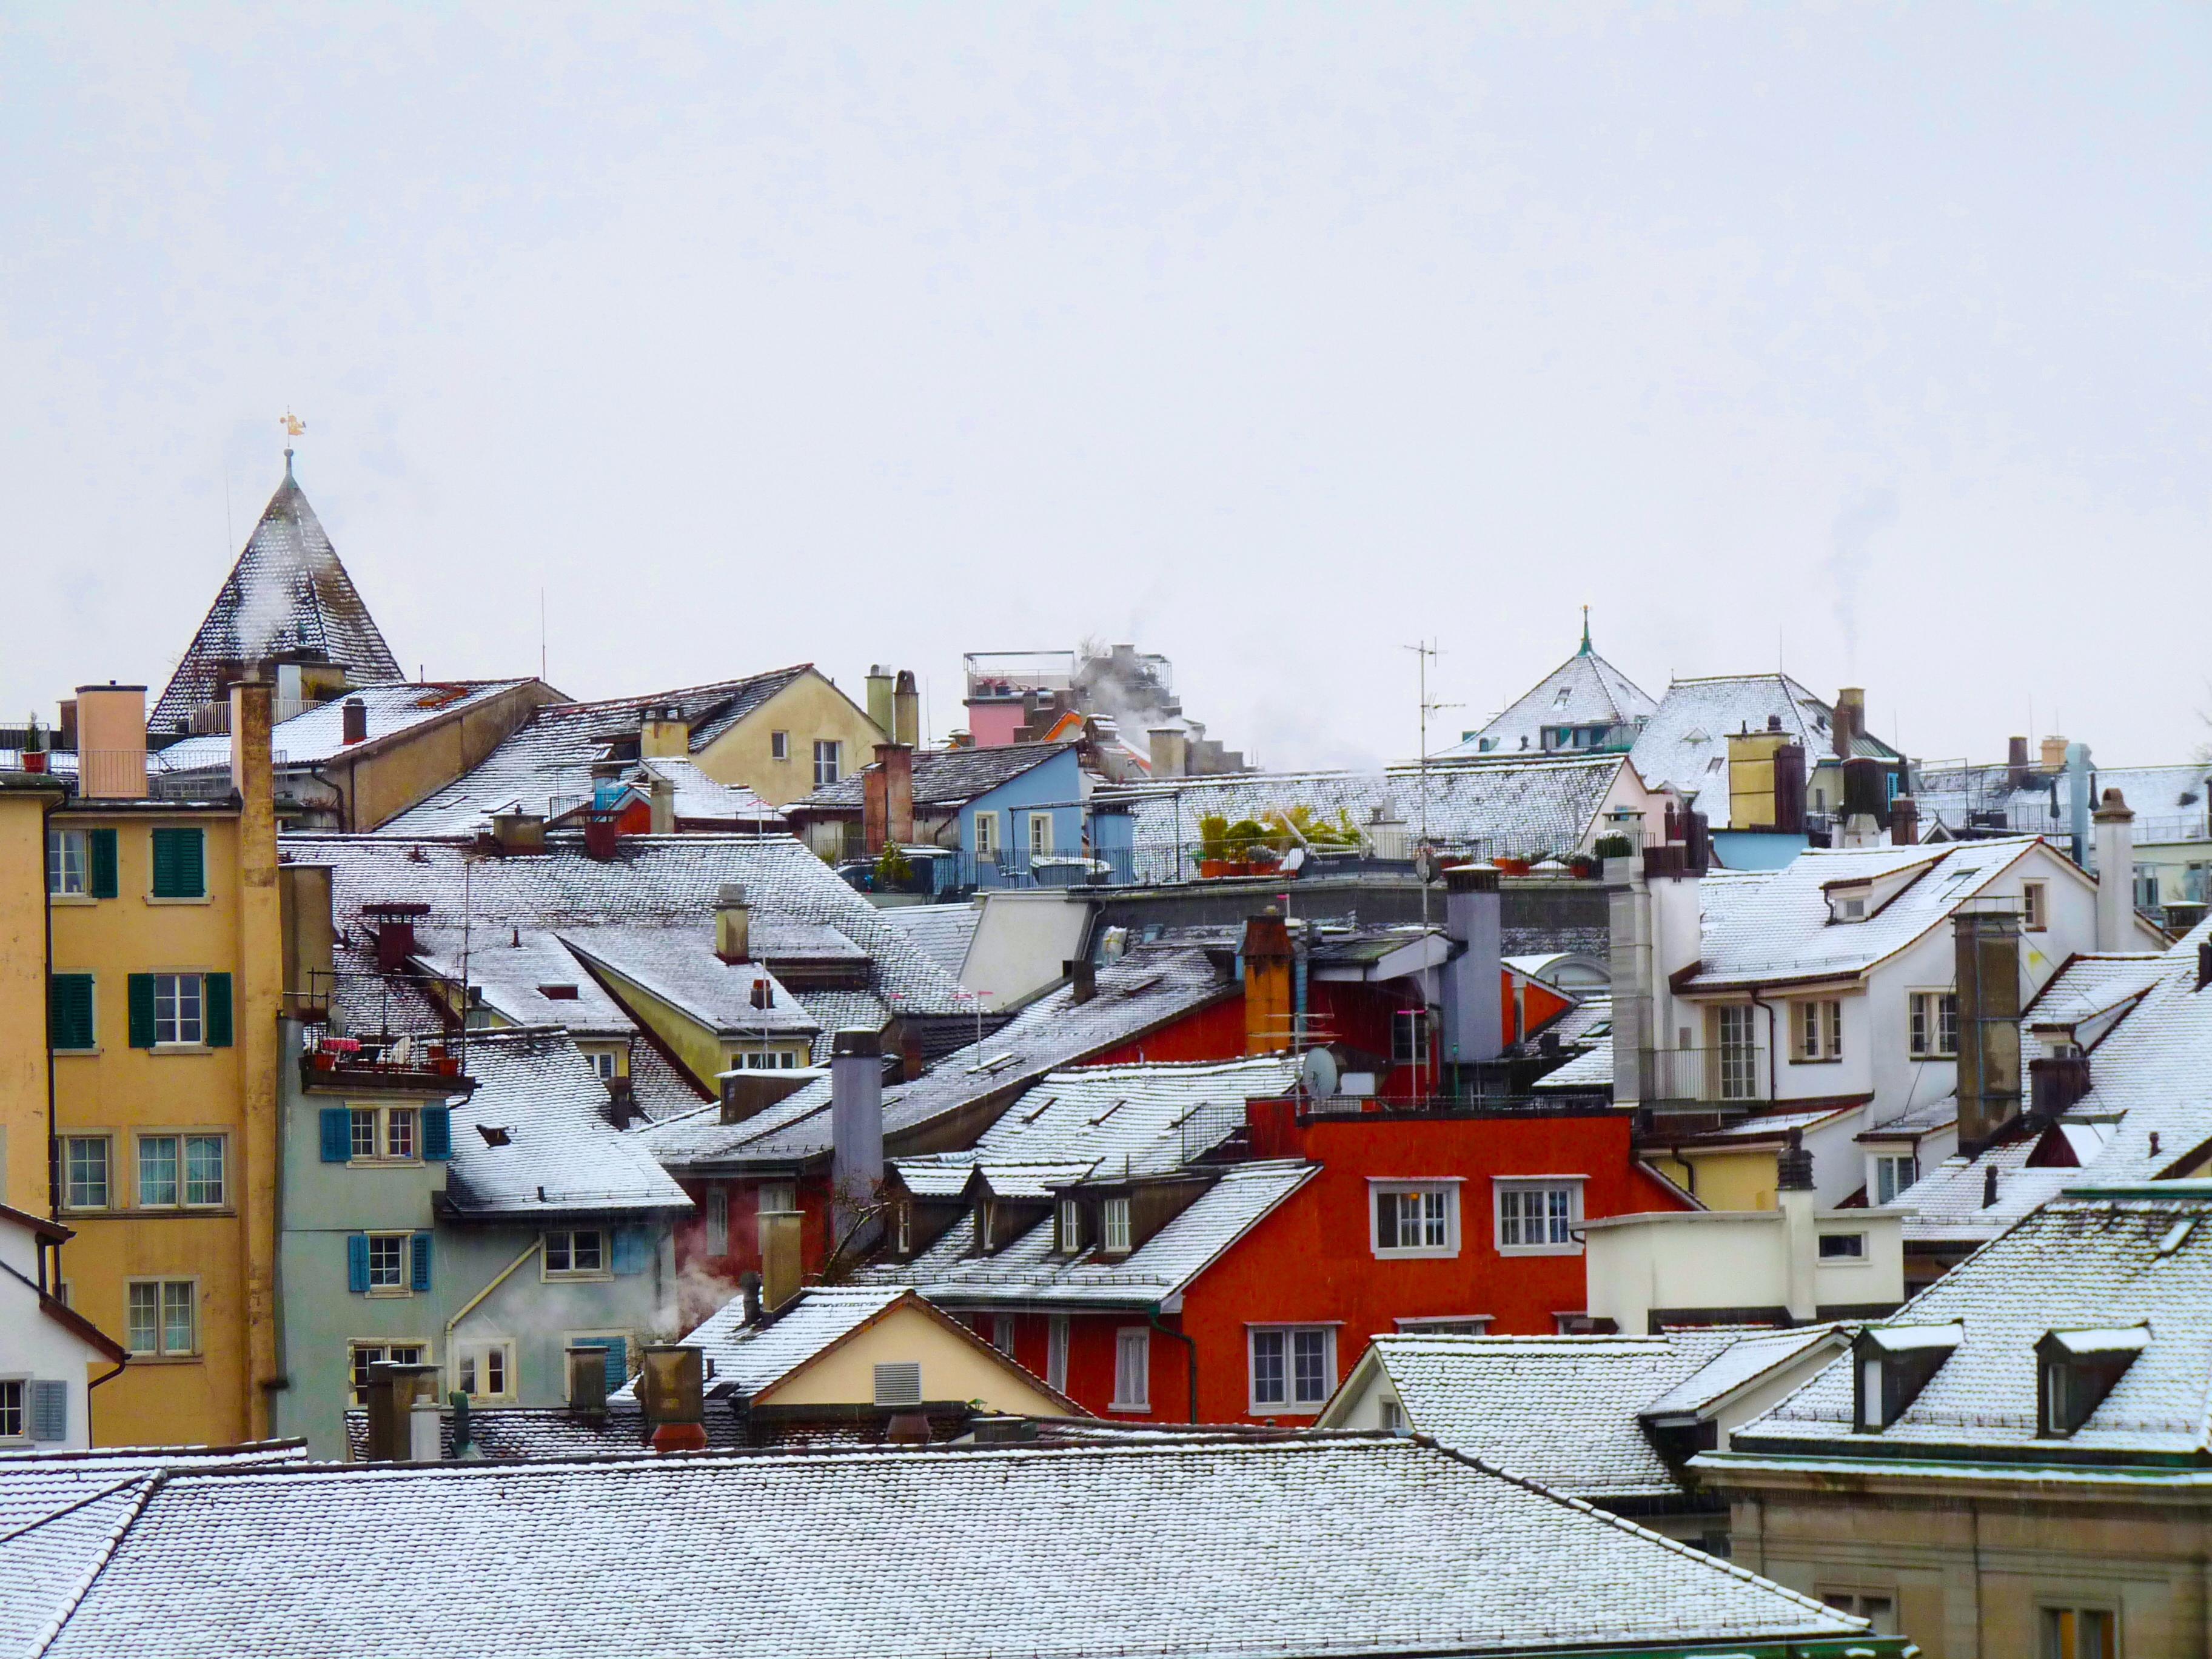 анимационные открытки погода зимой в европе объекта, инфраструктуры, фото